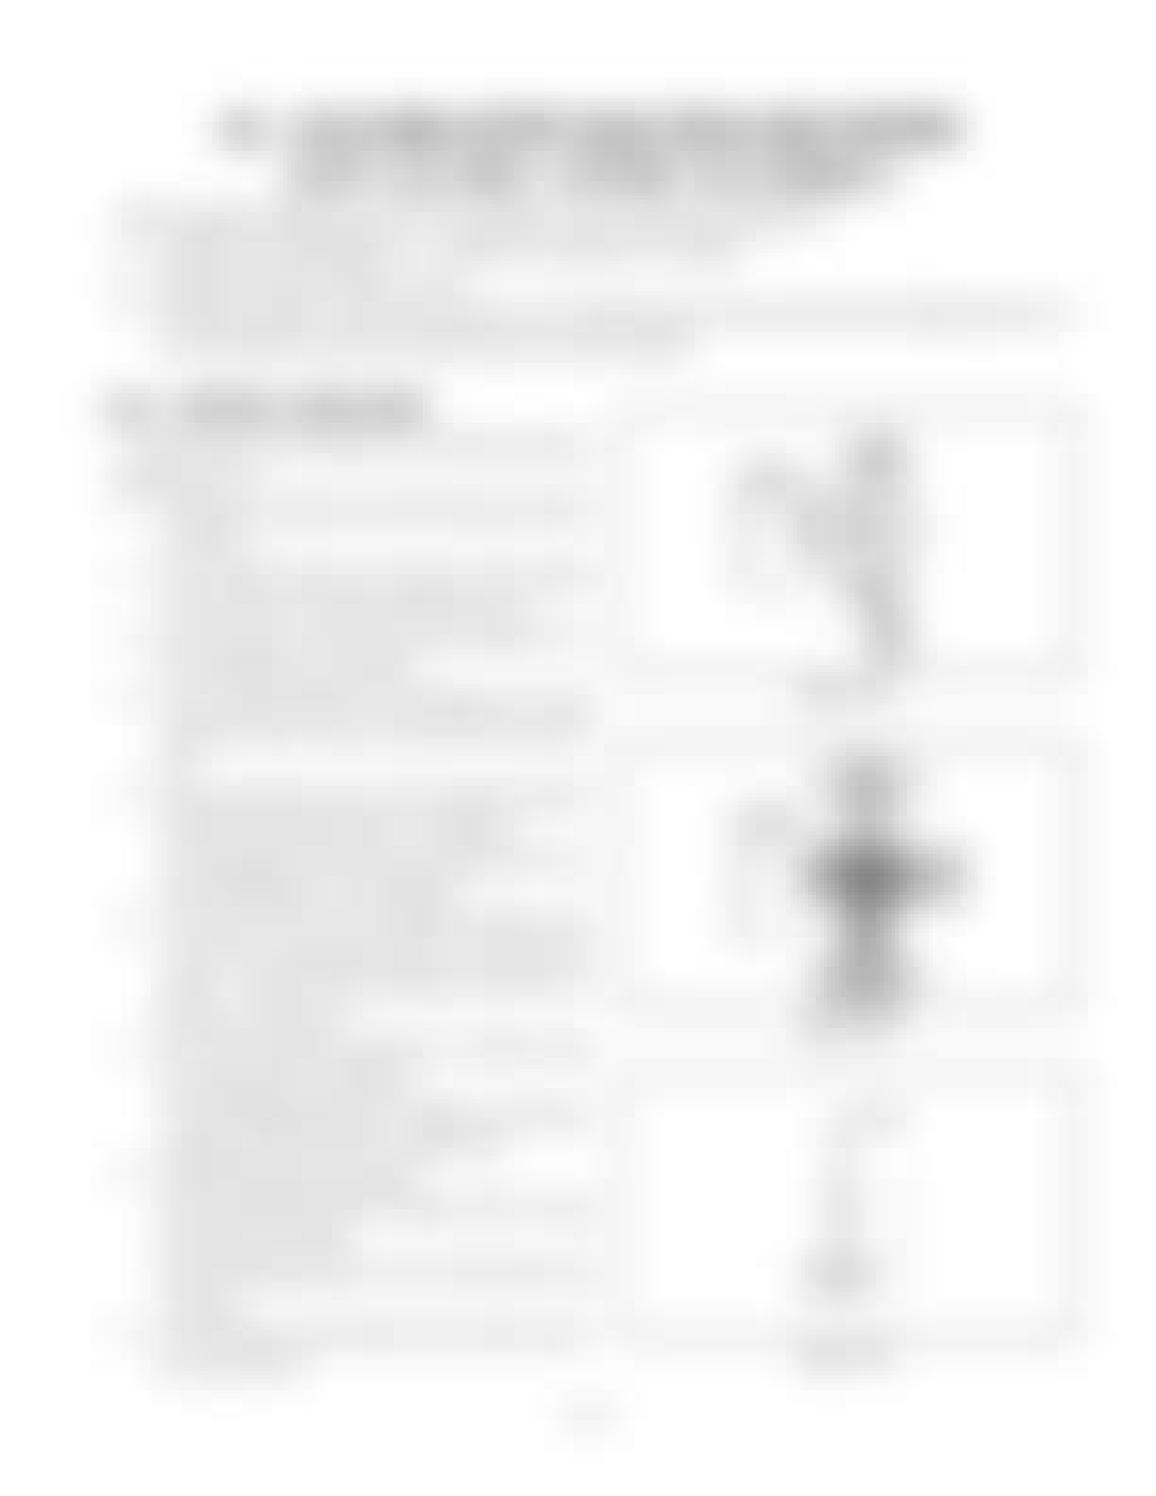 Hitachi LX110-7 LX130-7 LX160-7 LX190-7 LX230-7 Wheel Loader Workshop Manual - PDF DOWNLOAD page 277